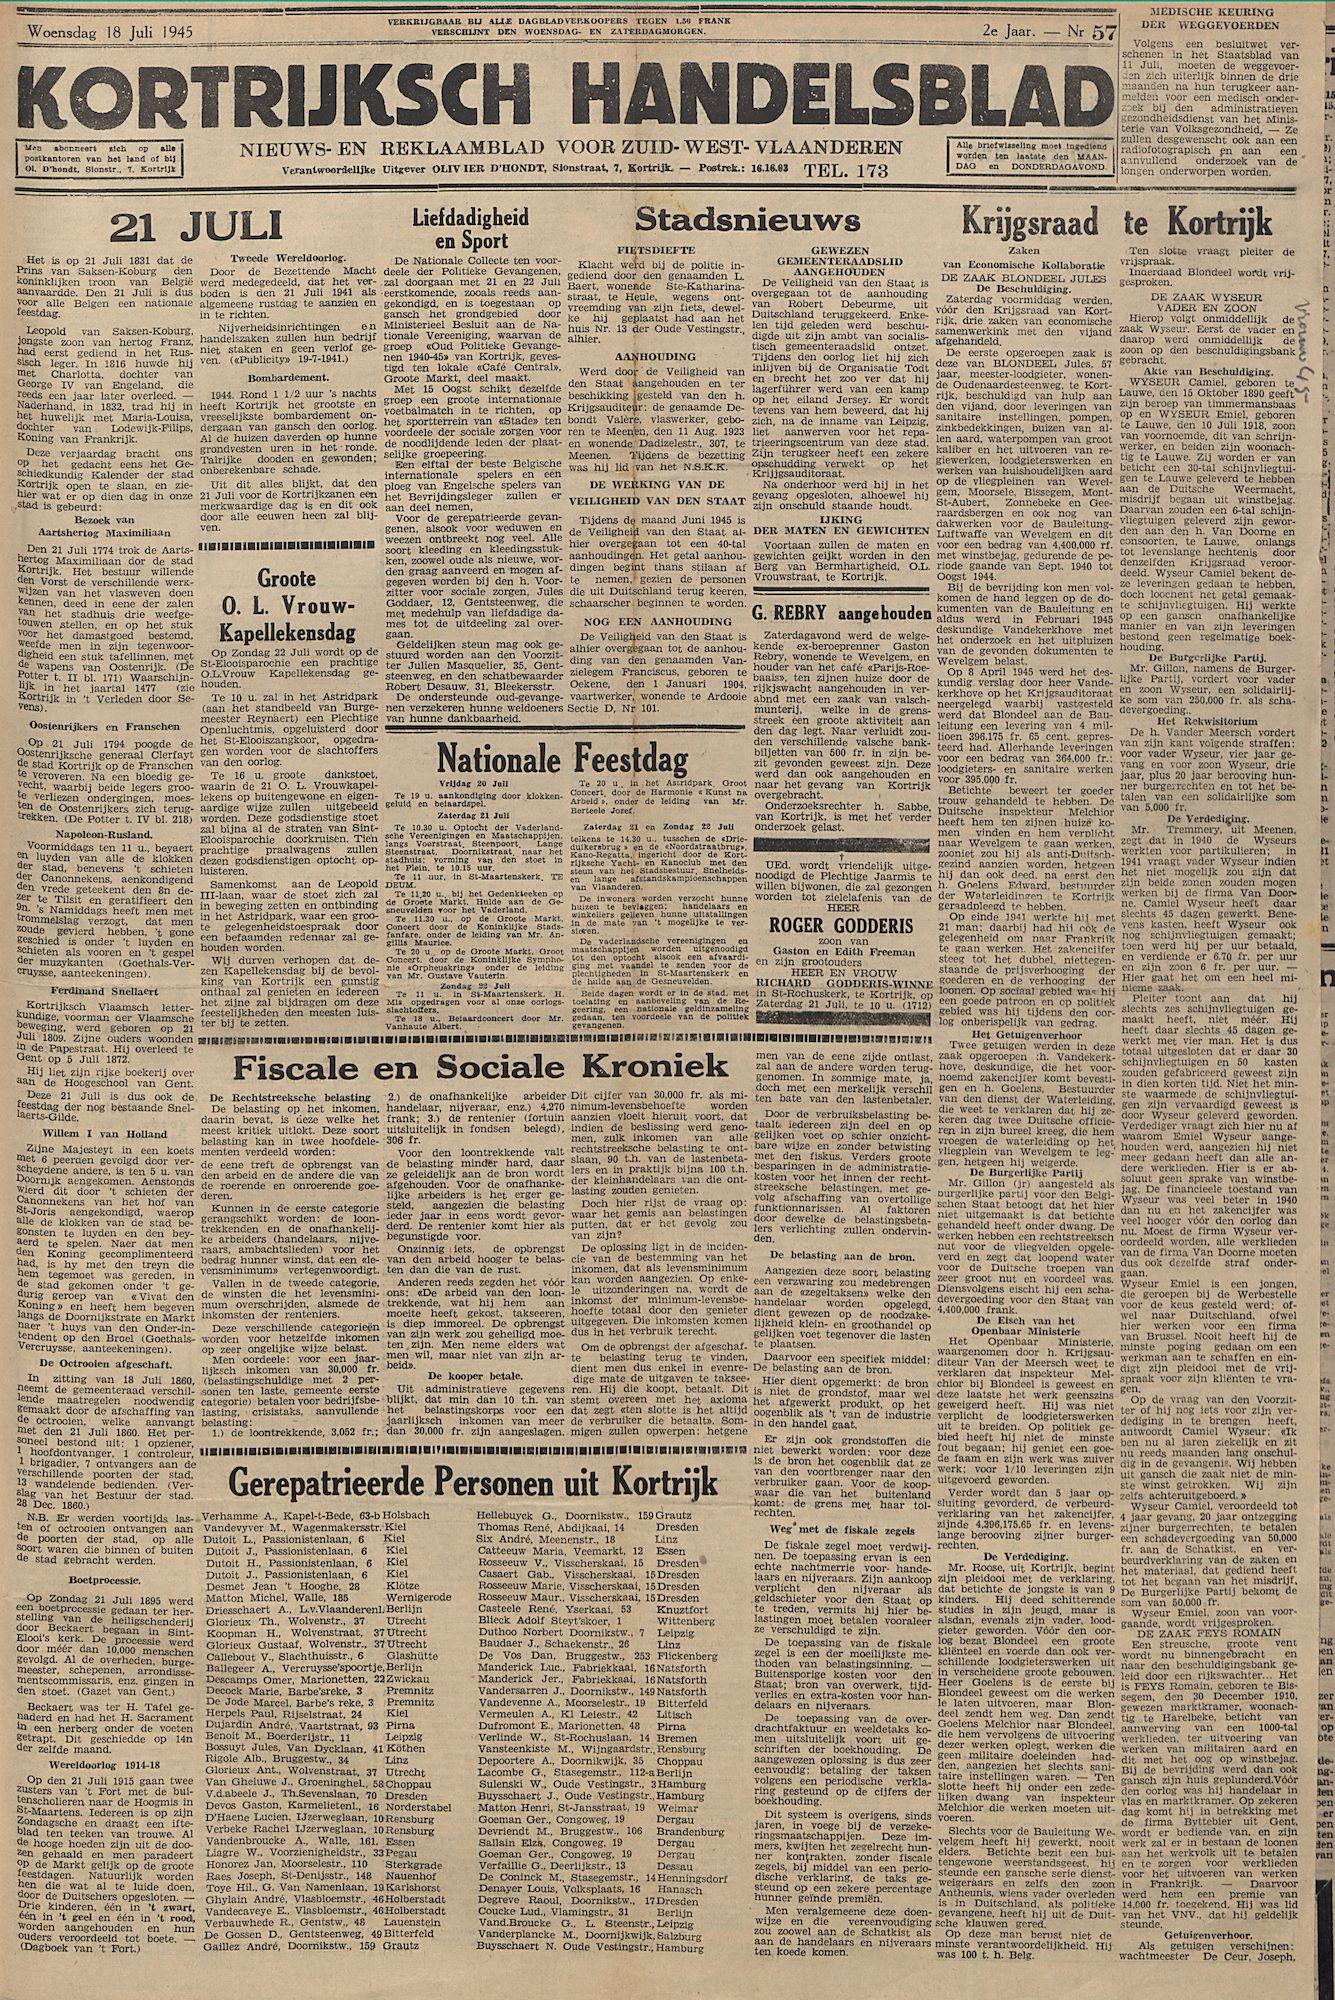 Kortrijksch Handelsblad 18 juli 1945 Nr57 p1